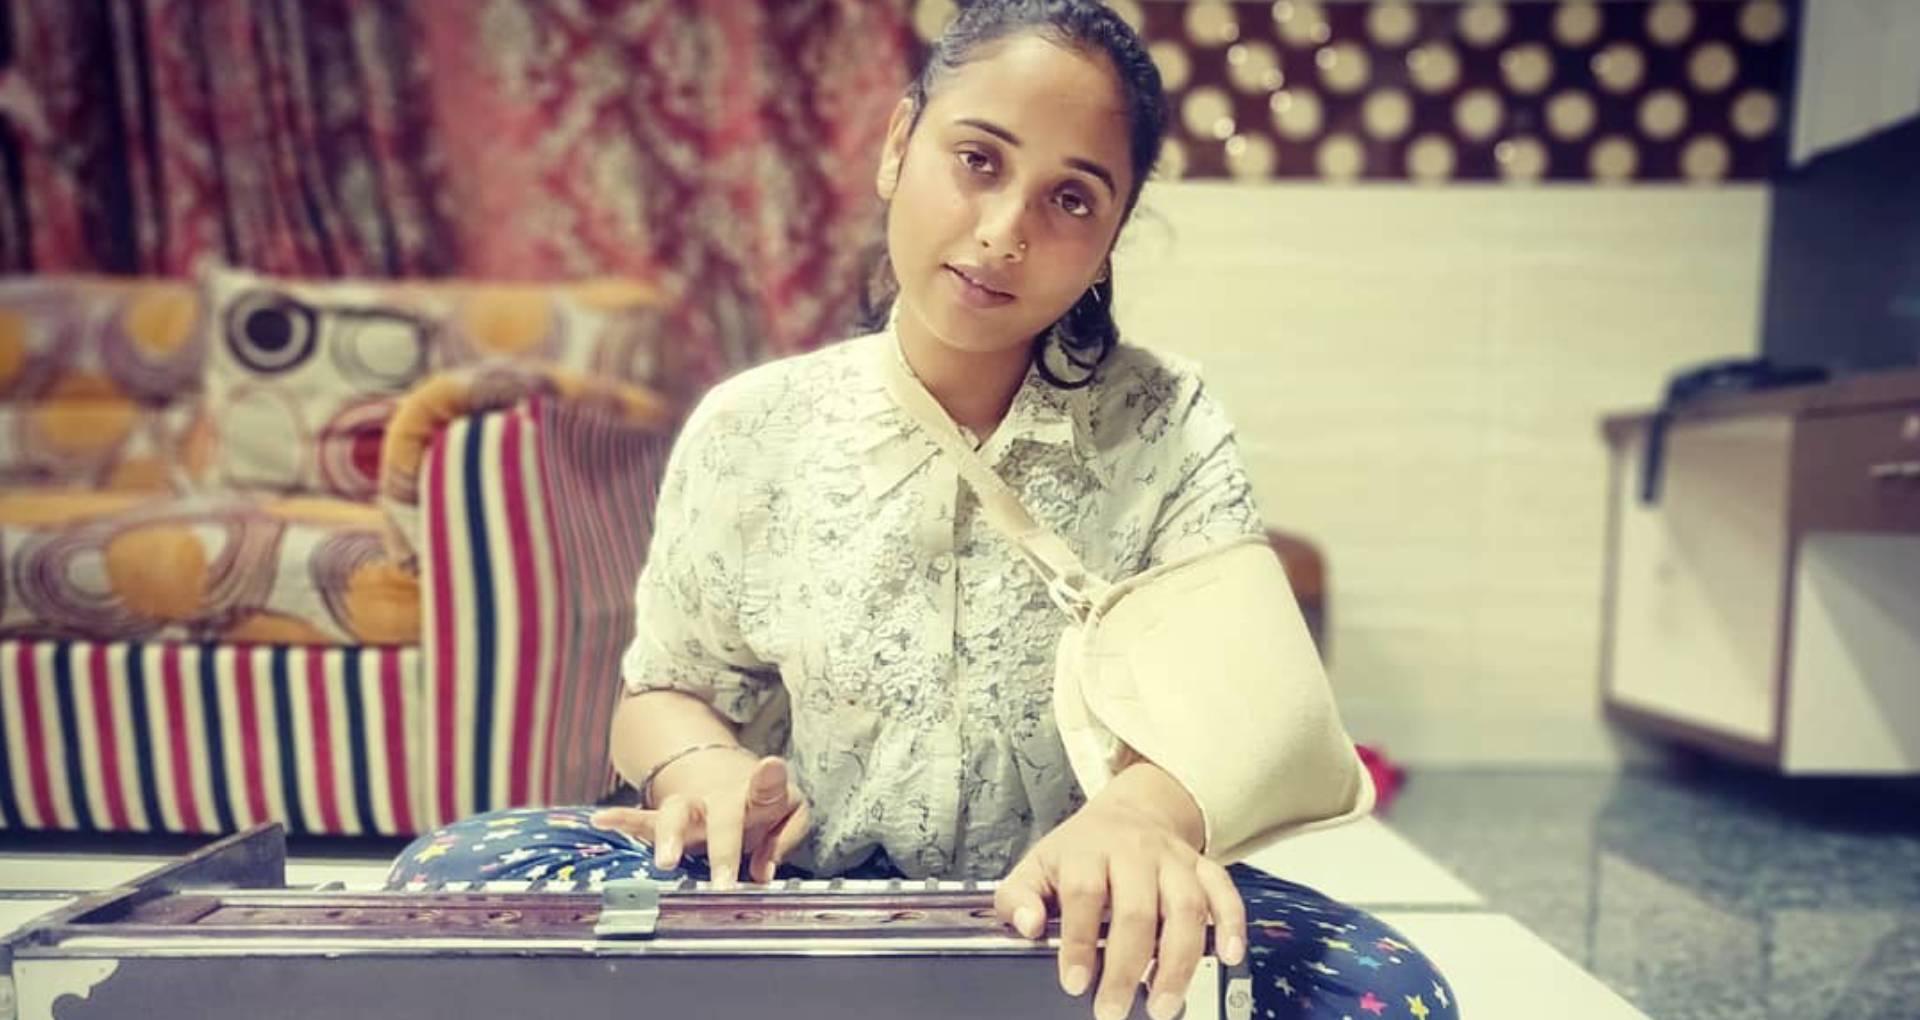 Rani Chatterjee Accident: बेड रेस्ट छोड़ काम पर लौटी रानी चटर्जी, फैंस को ऐसे बताया अपने दर्द का हाल